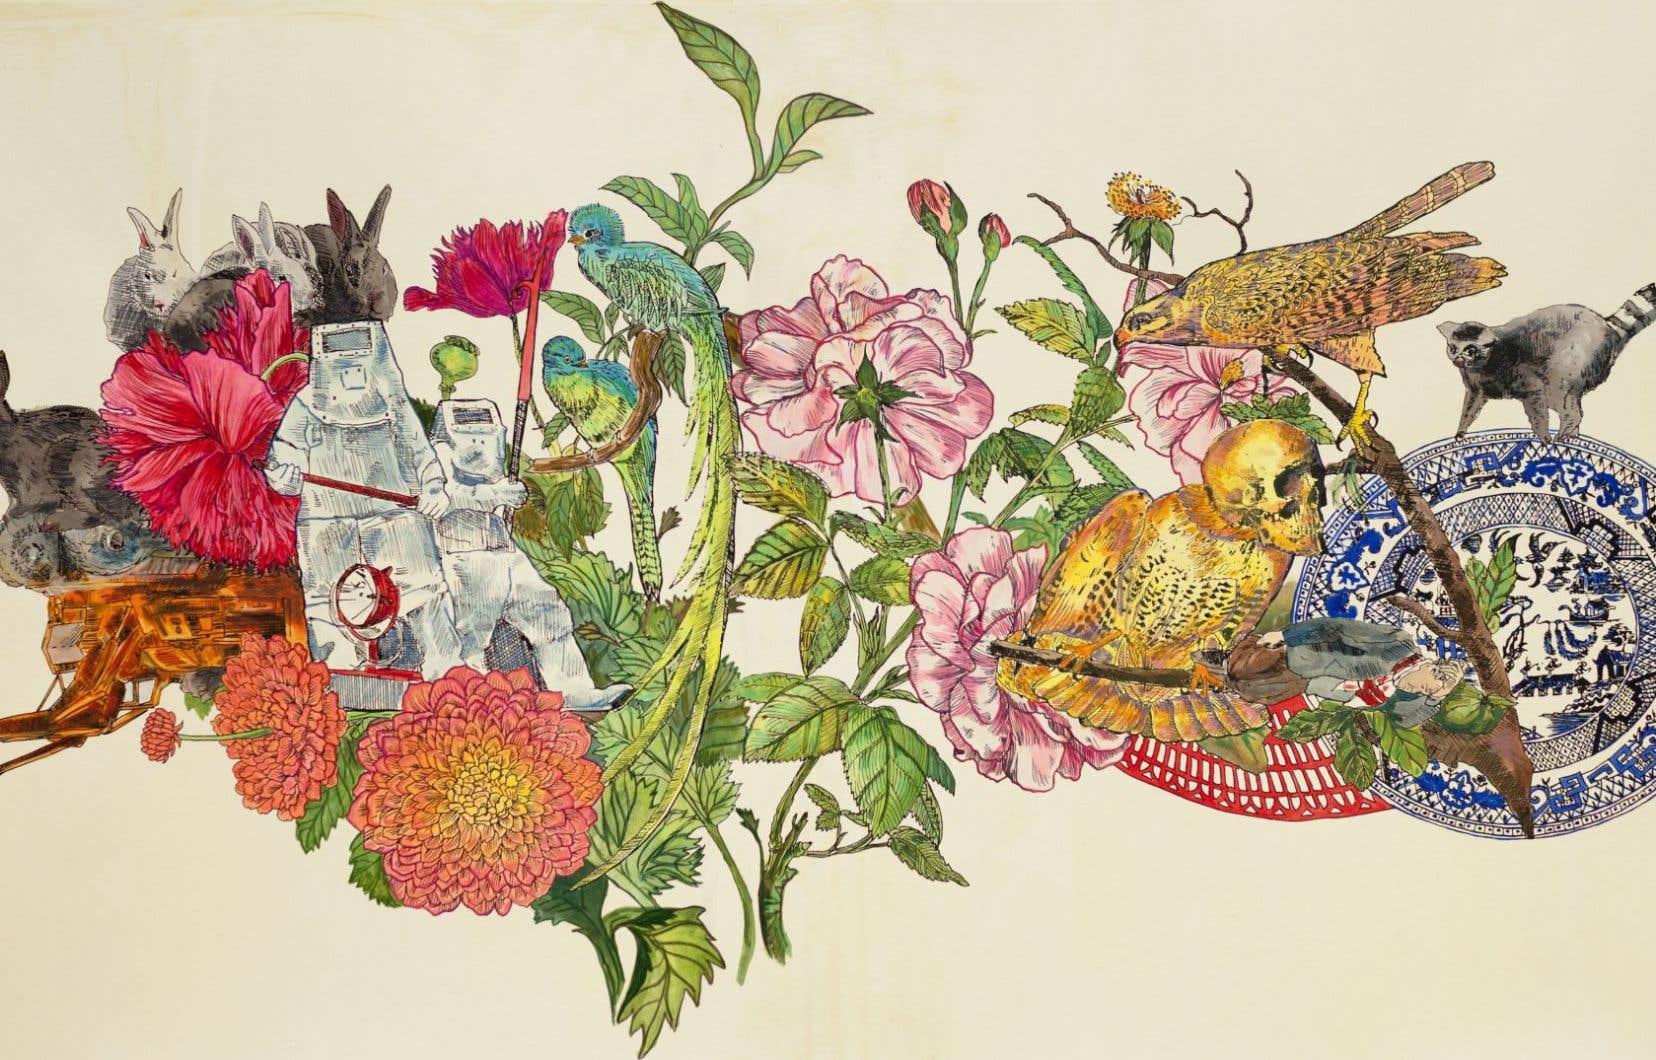 Une des œuvres de la collection du MNBAQ: Cynthia Dinan-Mitchell, «Jardin secret n° 15», 2014. Sérigraphie, gouache, crayon de couleur et vernis sur papier, 61 x 114 cm.